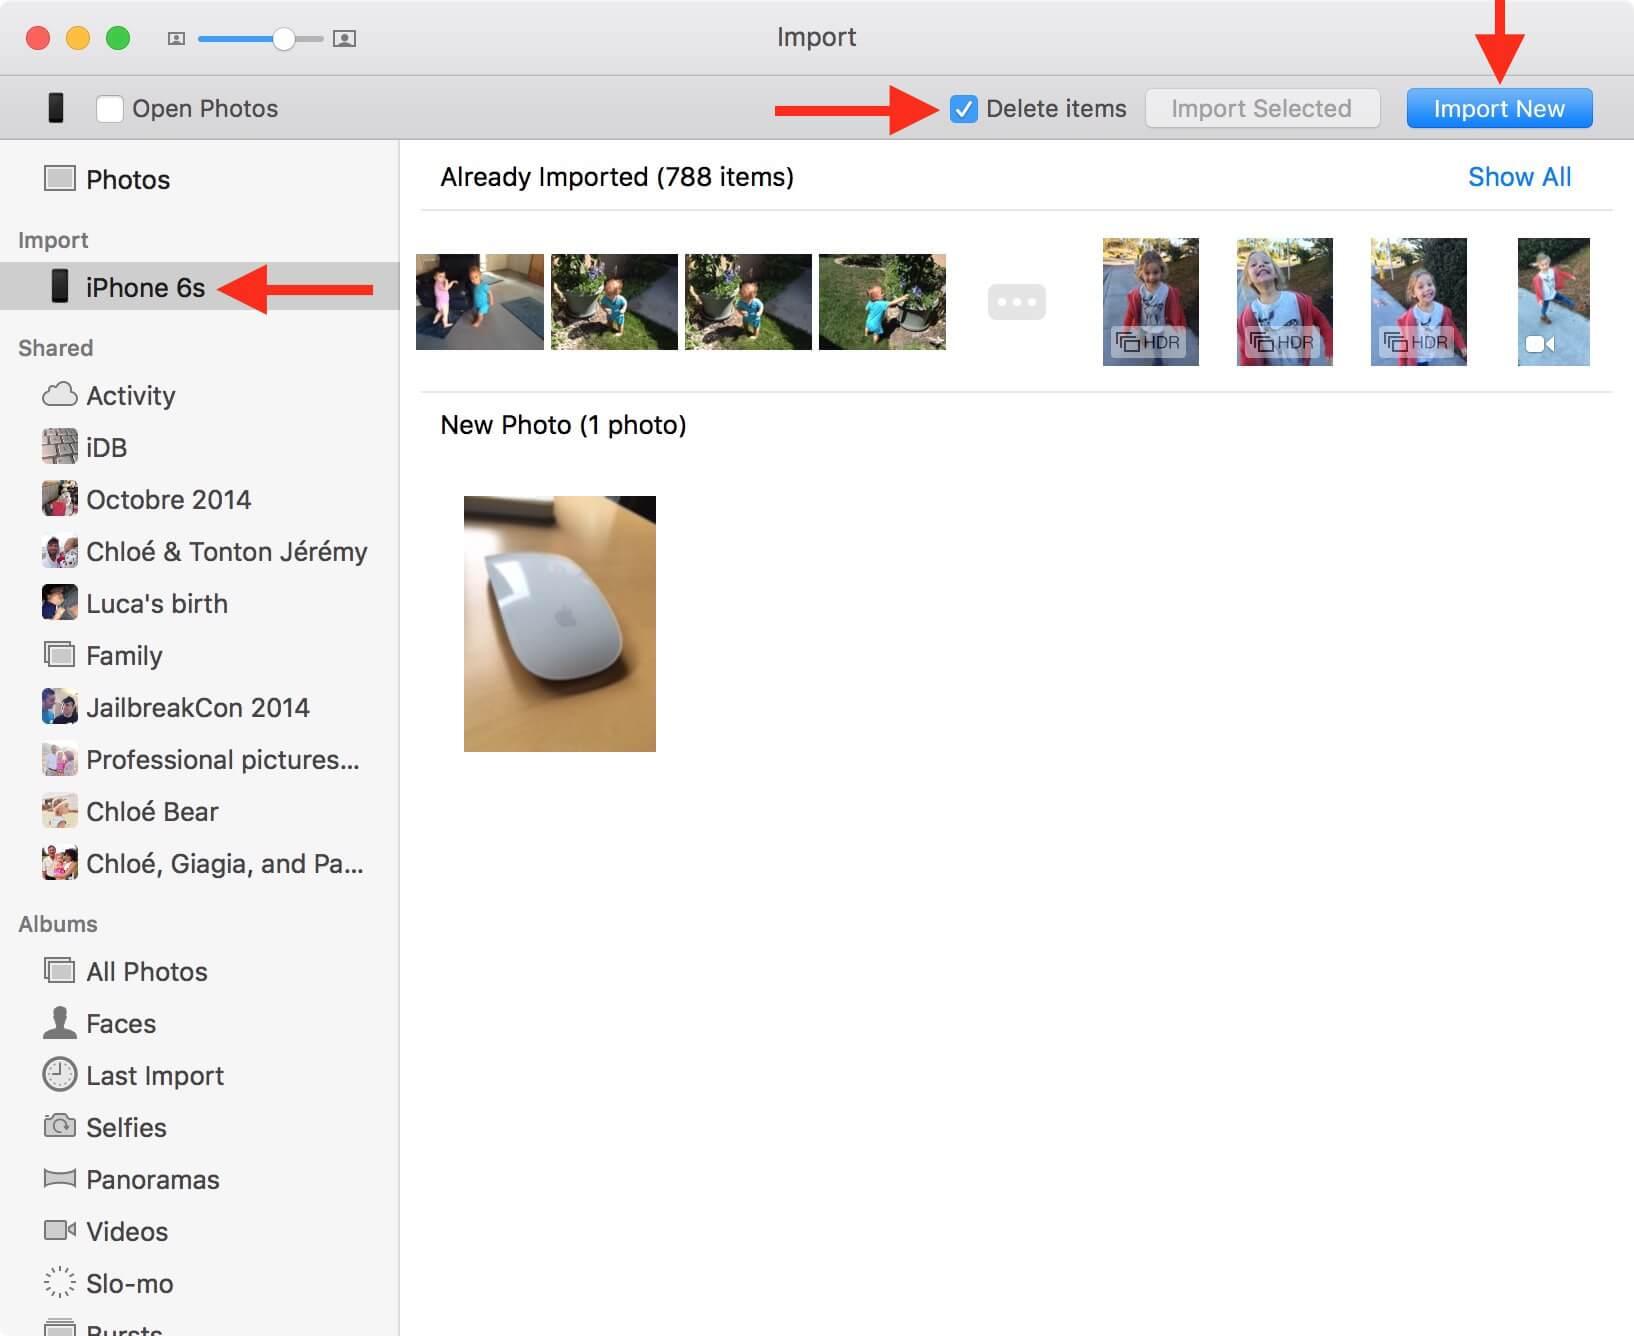 備份照片功能於照片,應用程序